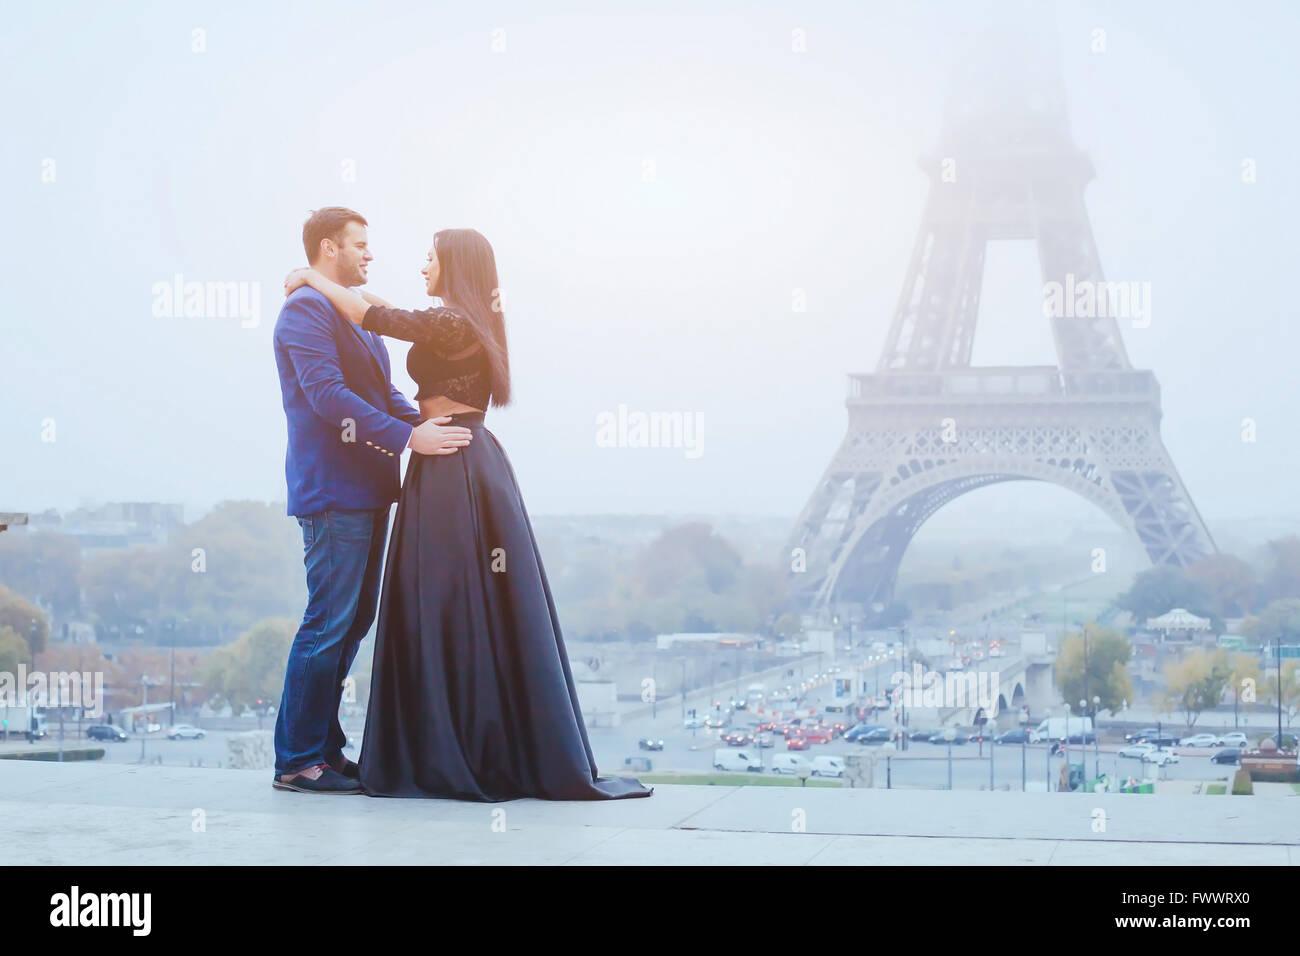 glückliches Paar in Paris zu reisen, Lust auf lächelnder Mann und Frau posiert in modischer Kleidung auf Stockbild